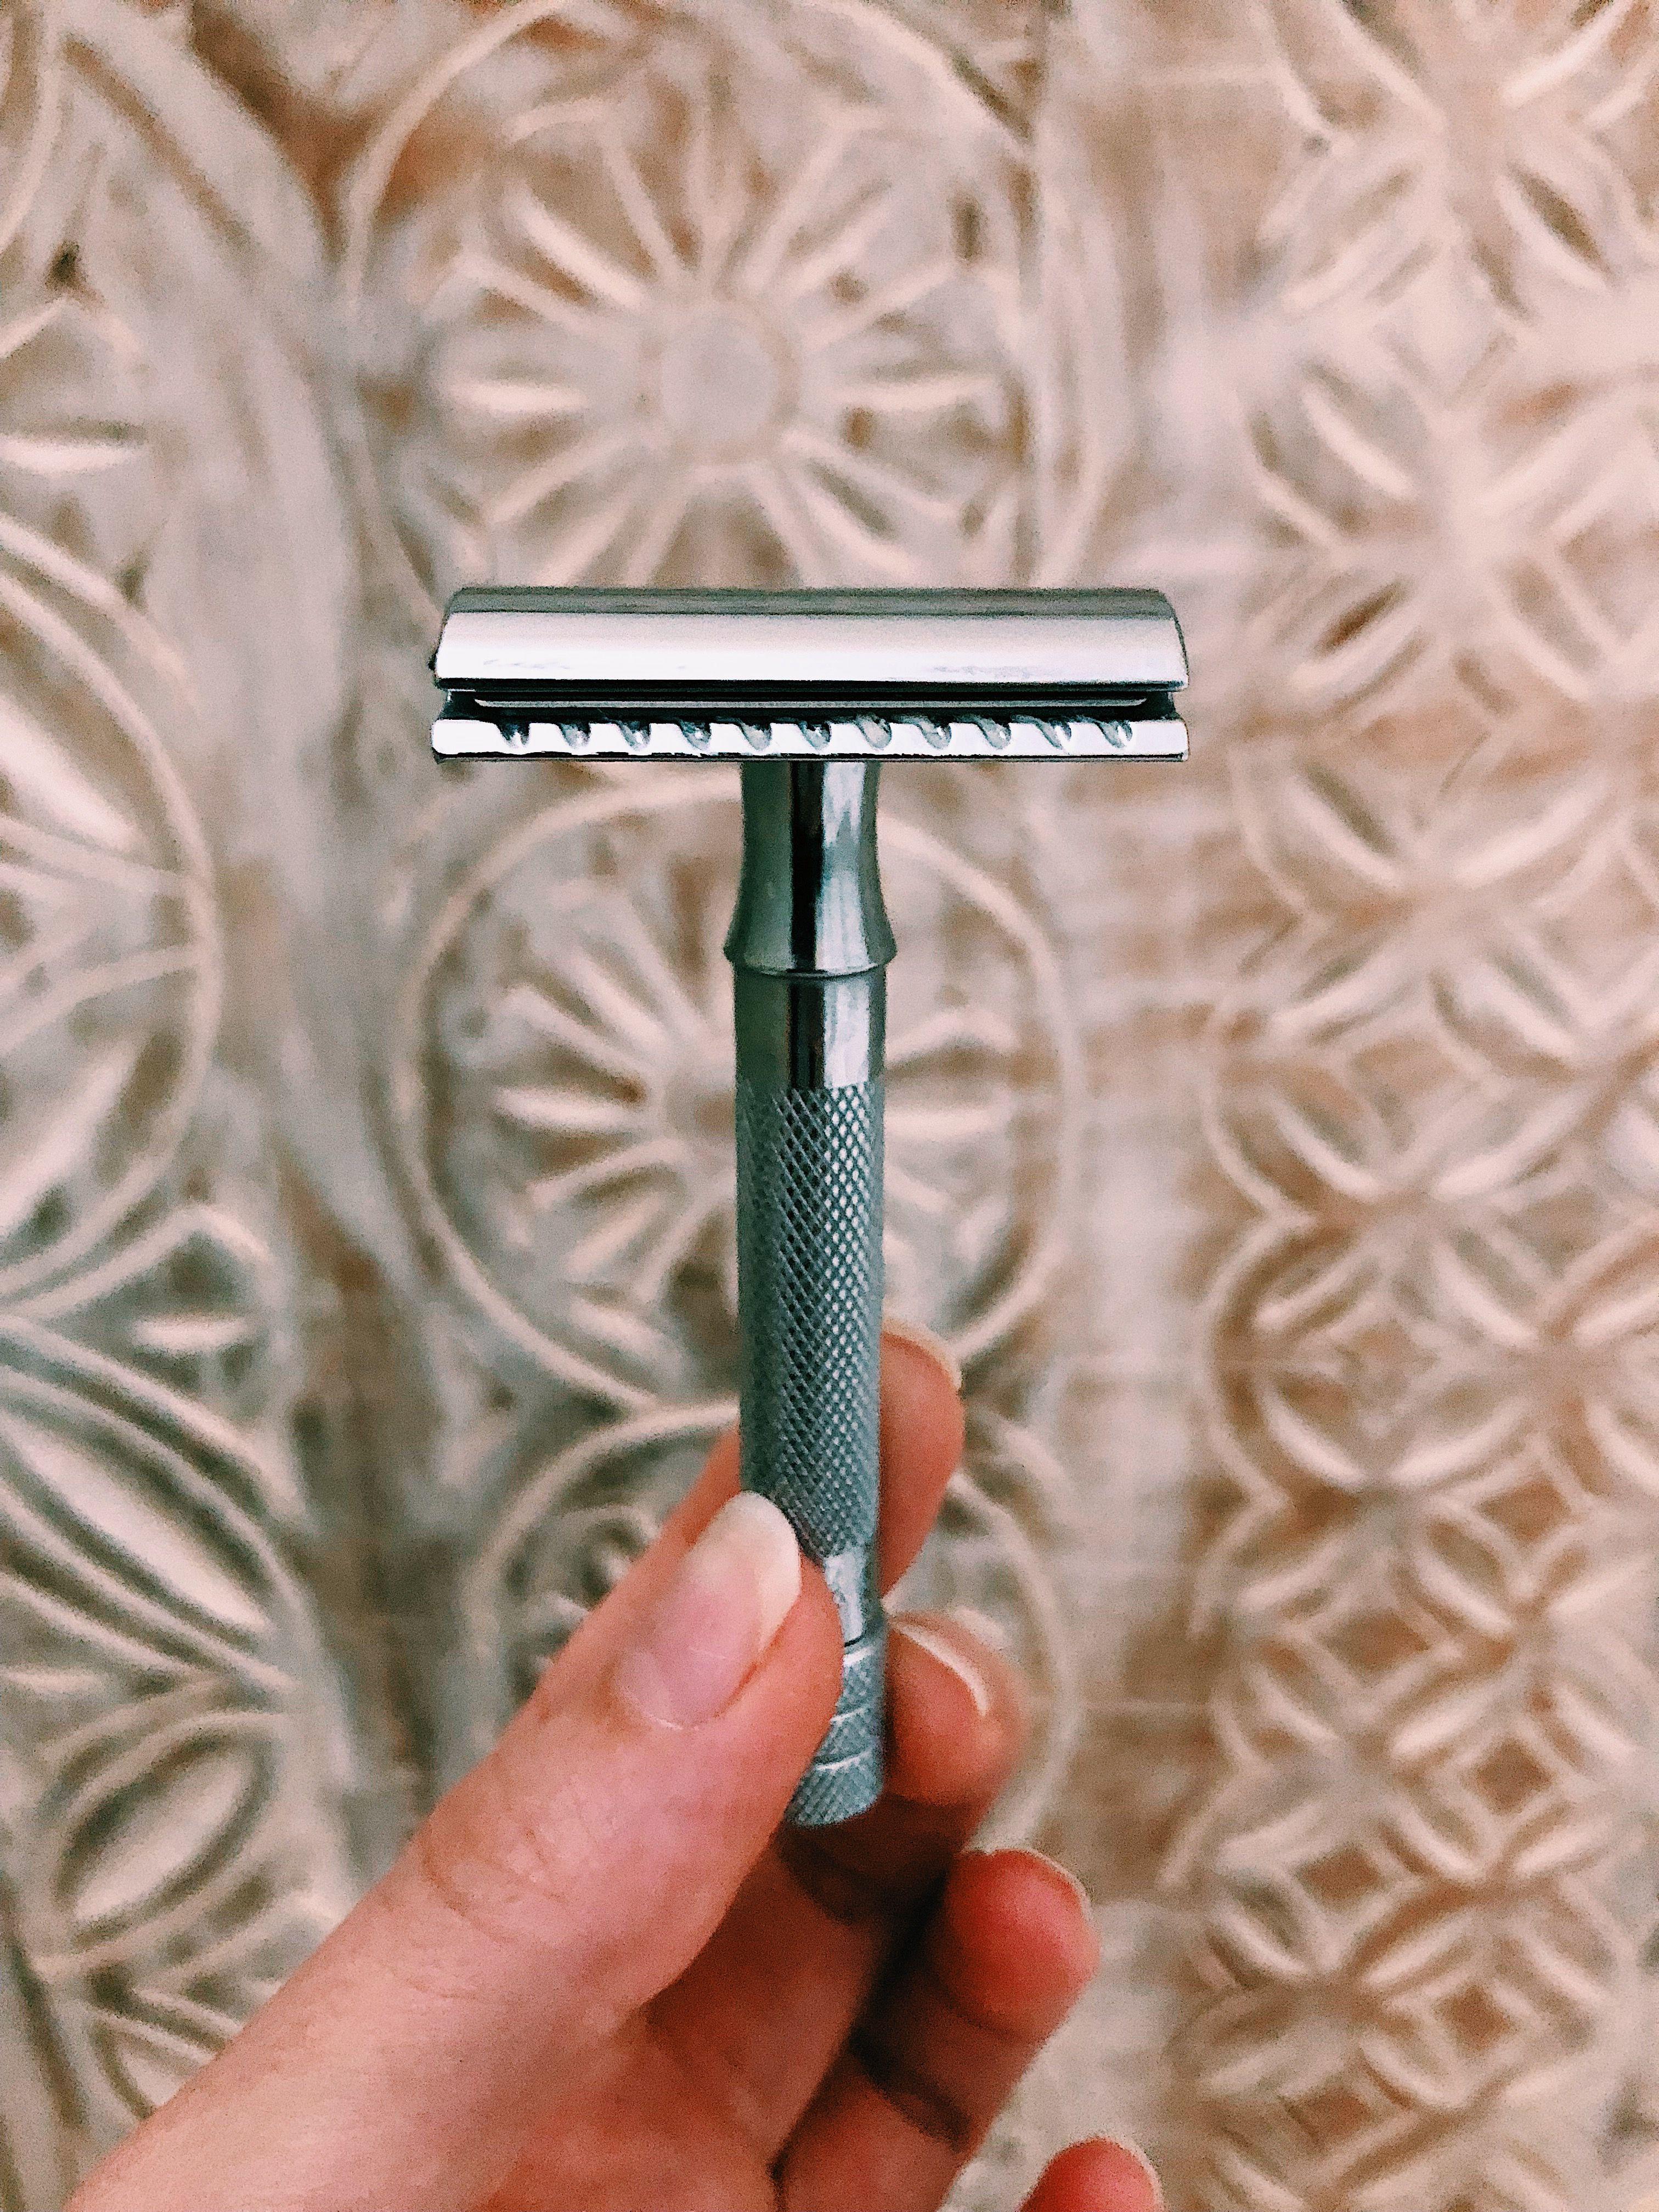 Long handled double edge safety razor zero waste safety